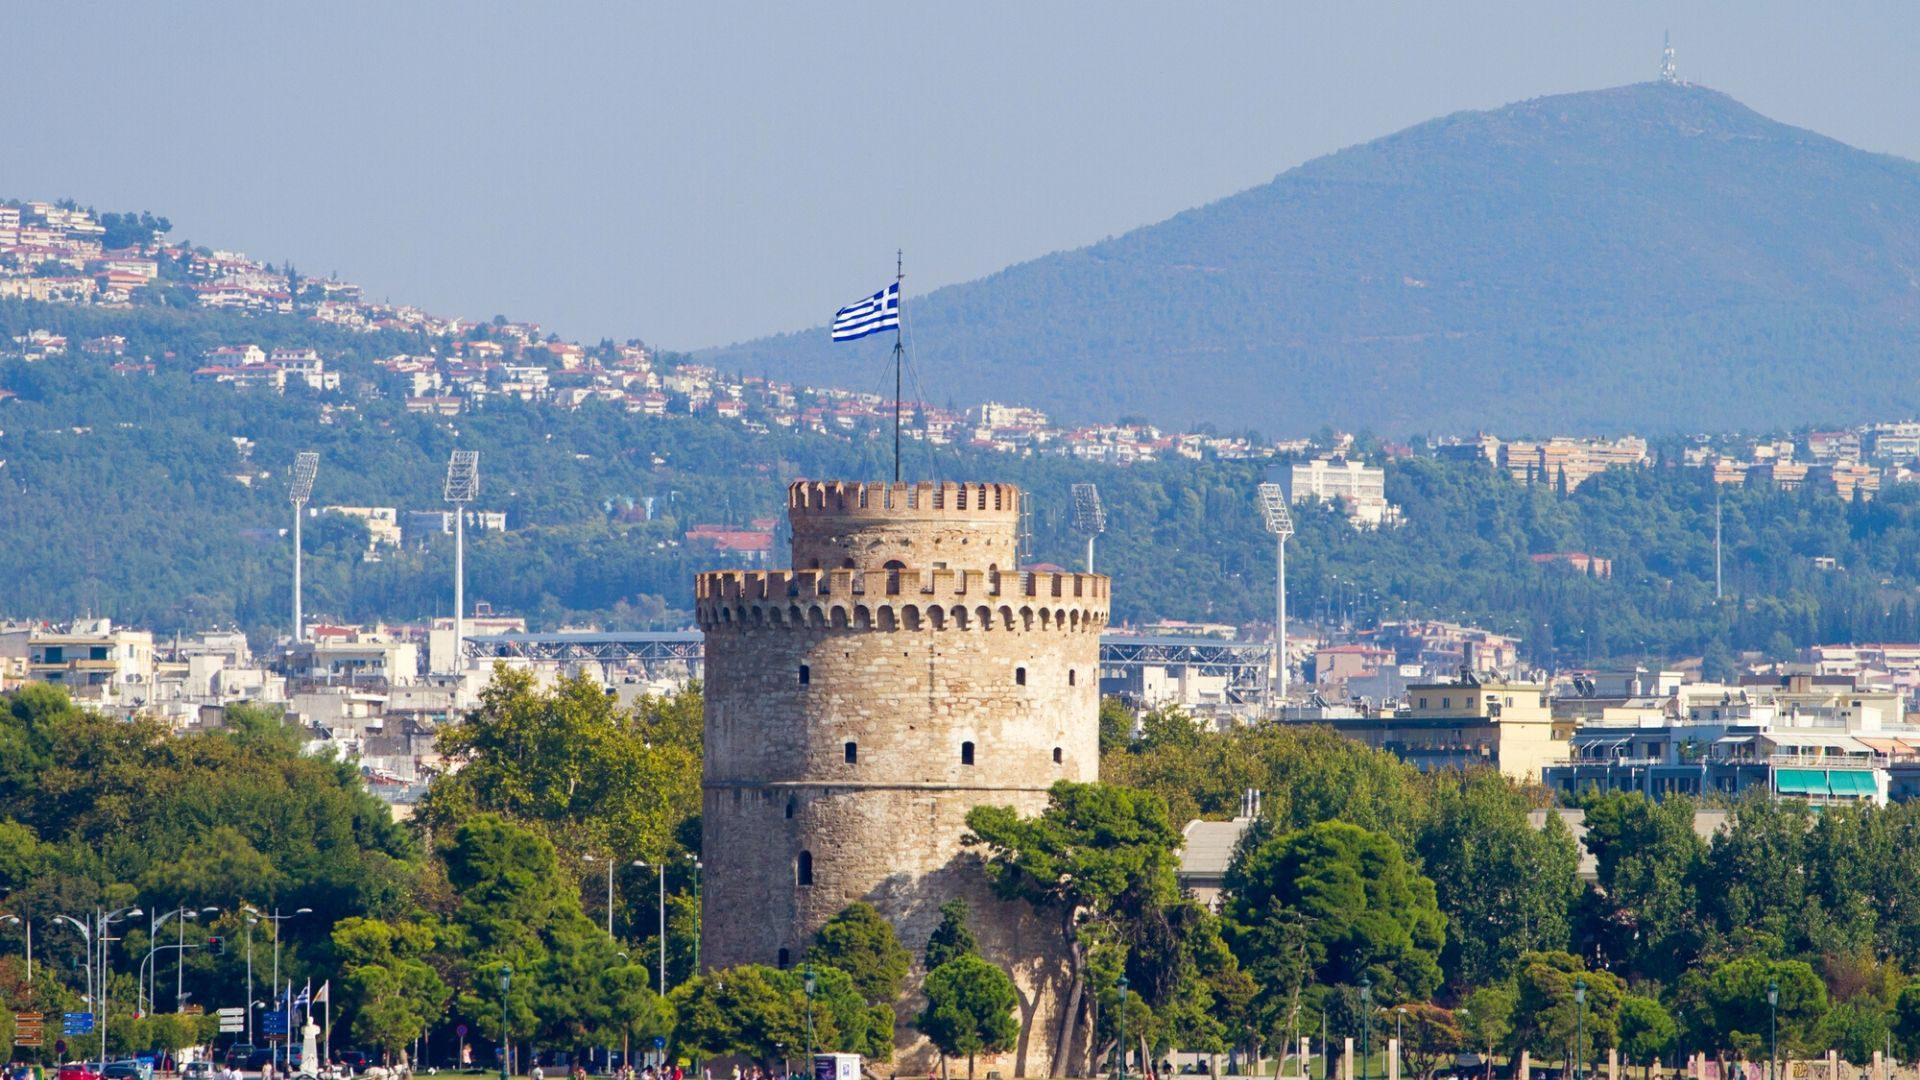 Salonikų architektūros simbolis - pakrantėje stovintis Baltasis bokštas